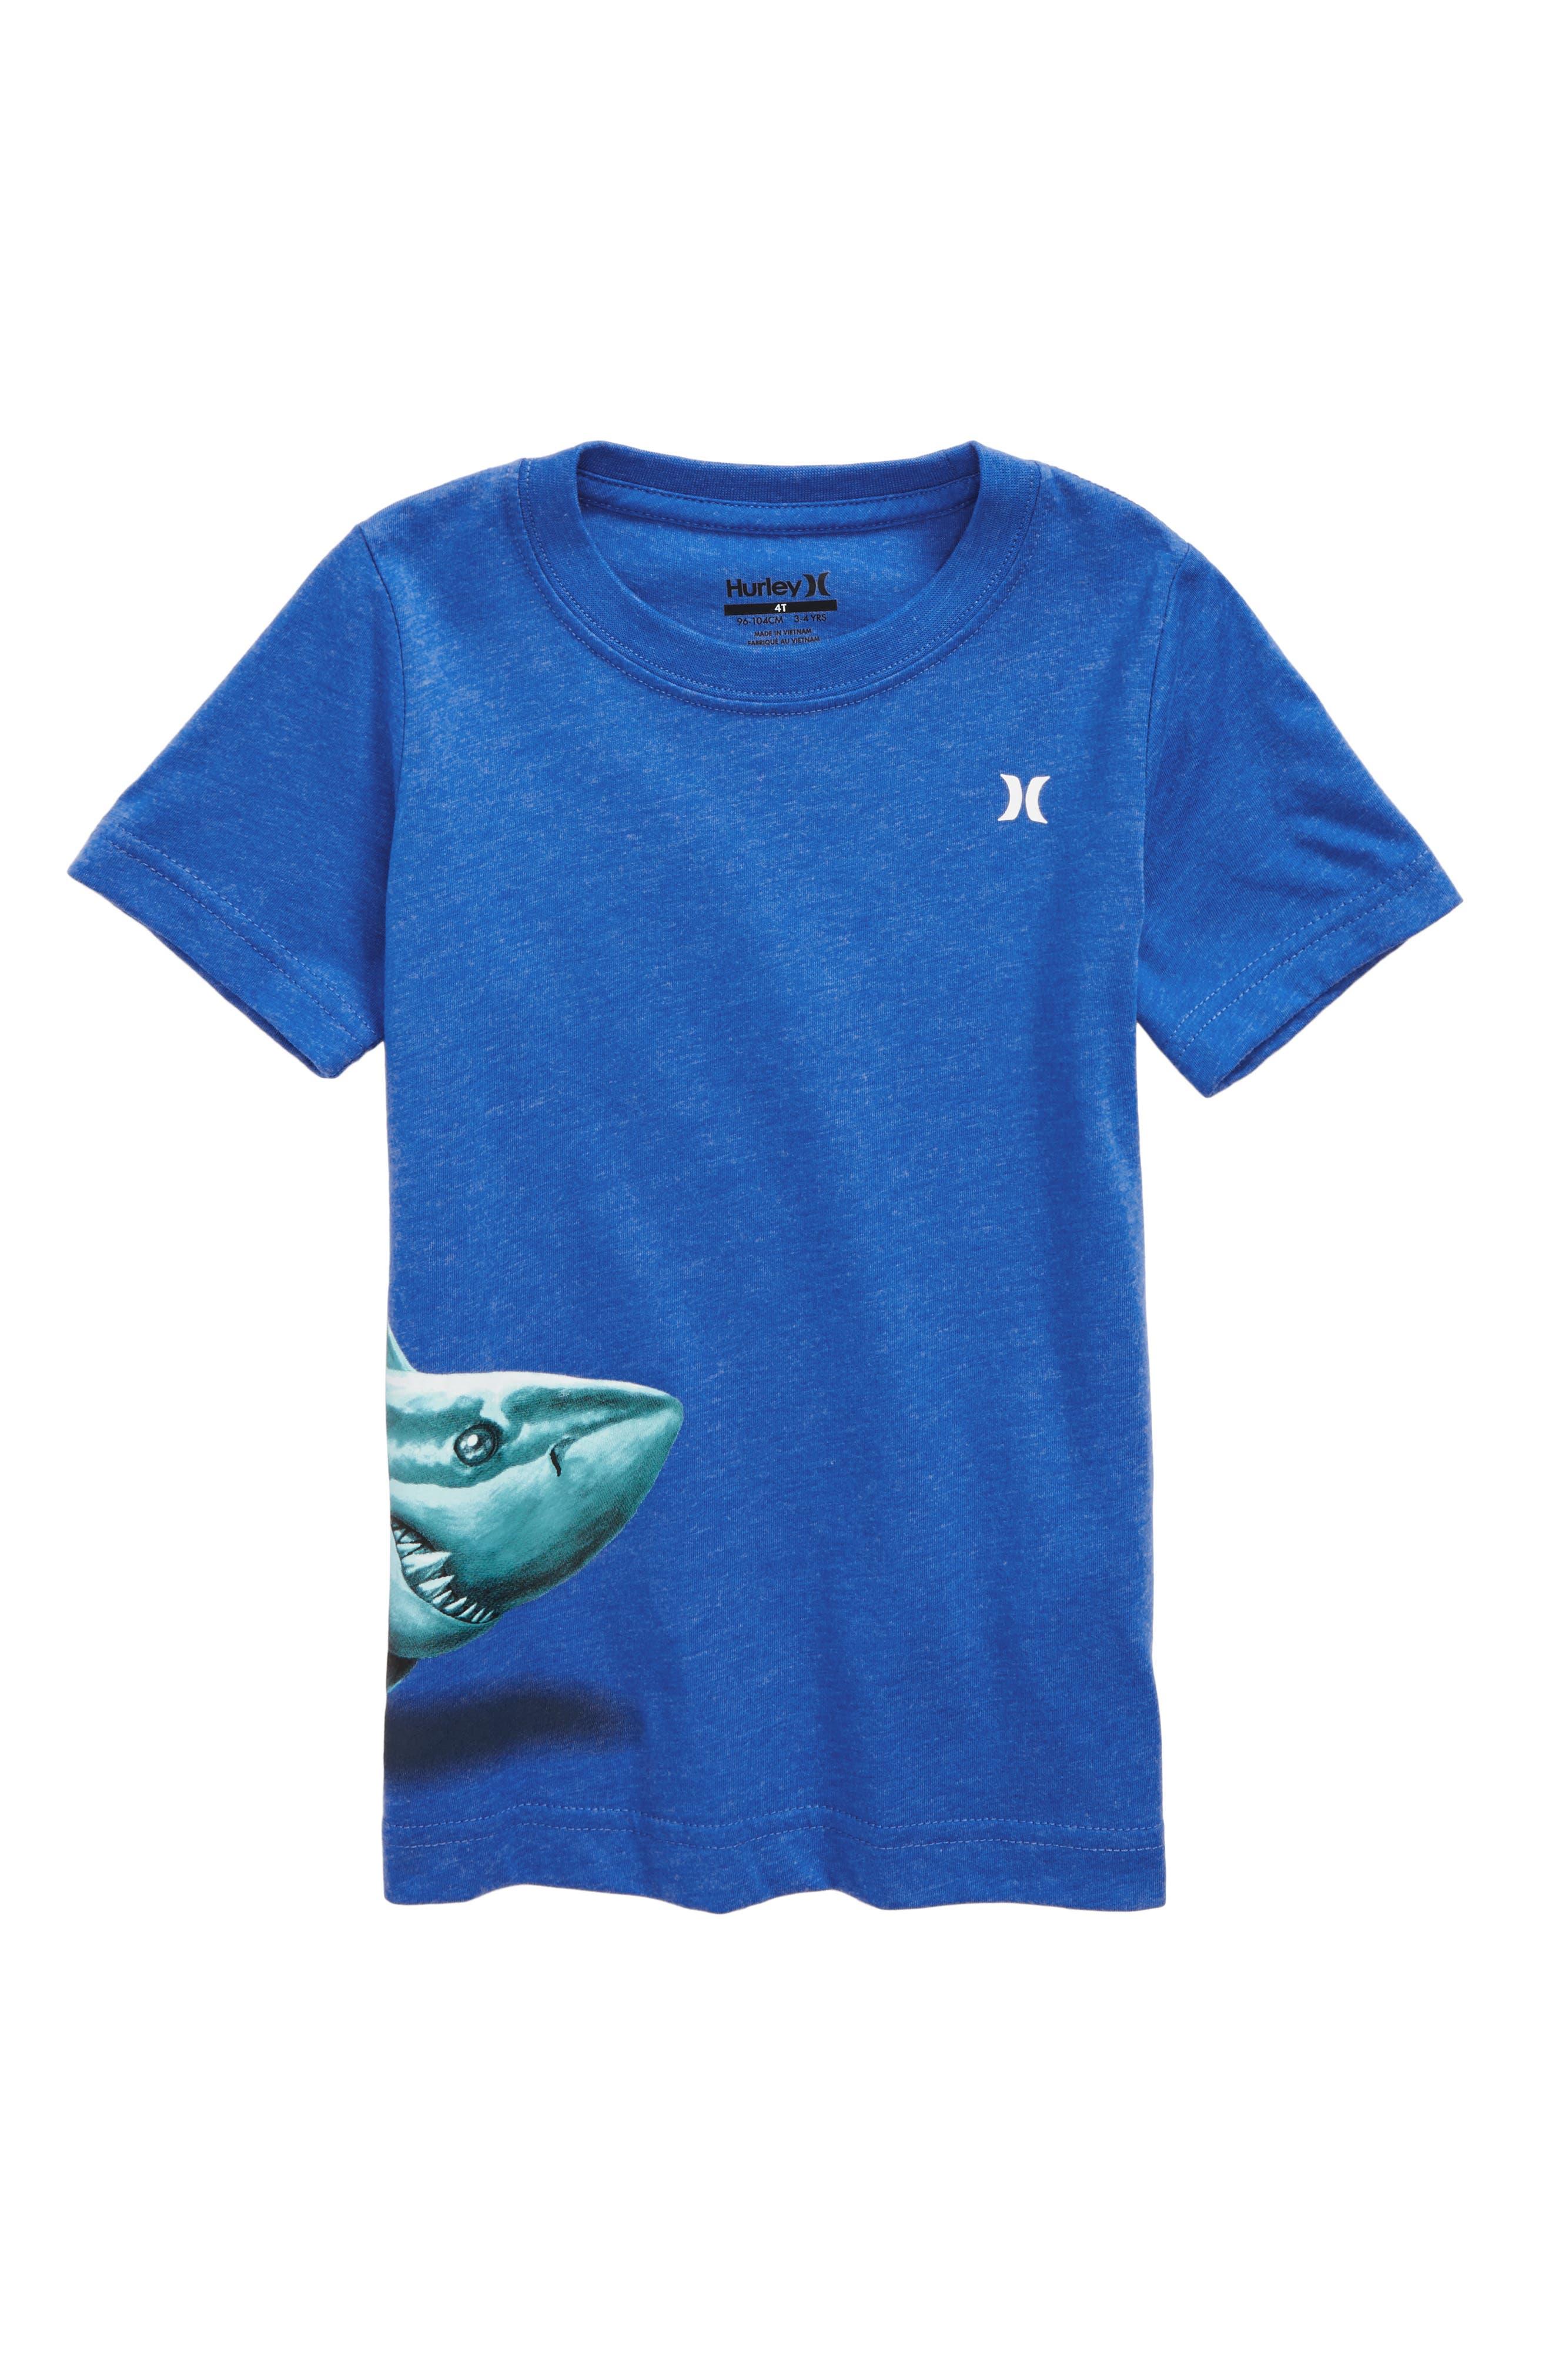 Main Image - Hurley Sharky T-Shirt (Big Boys)